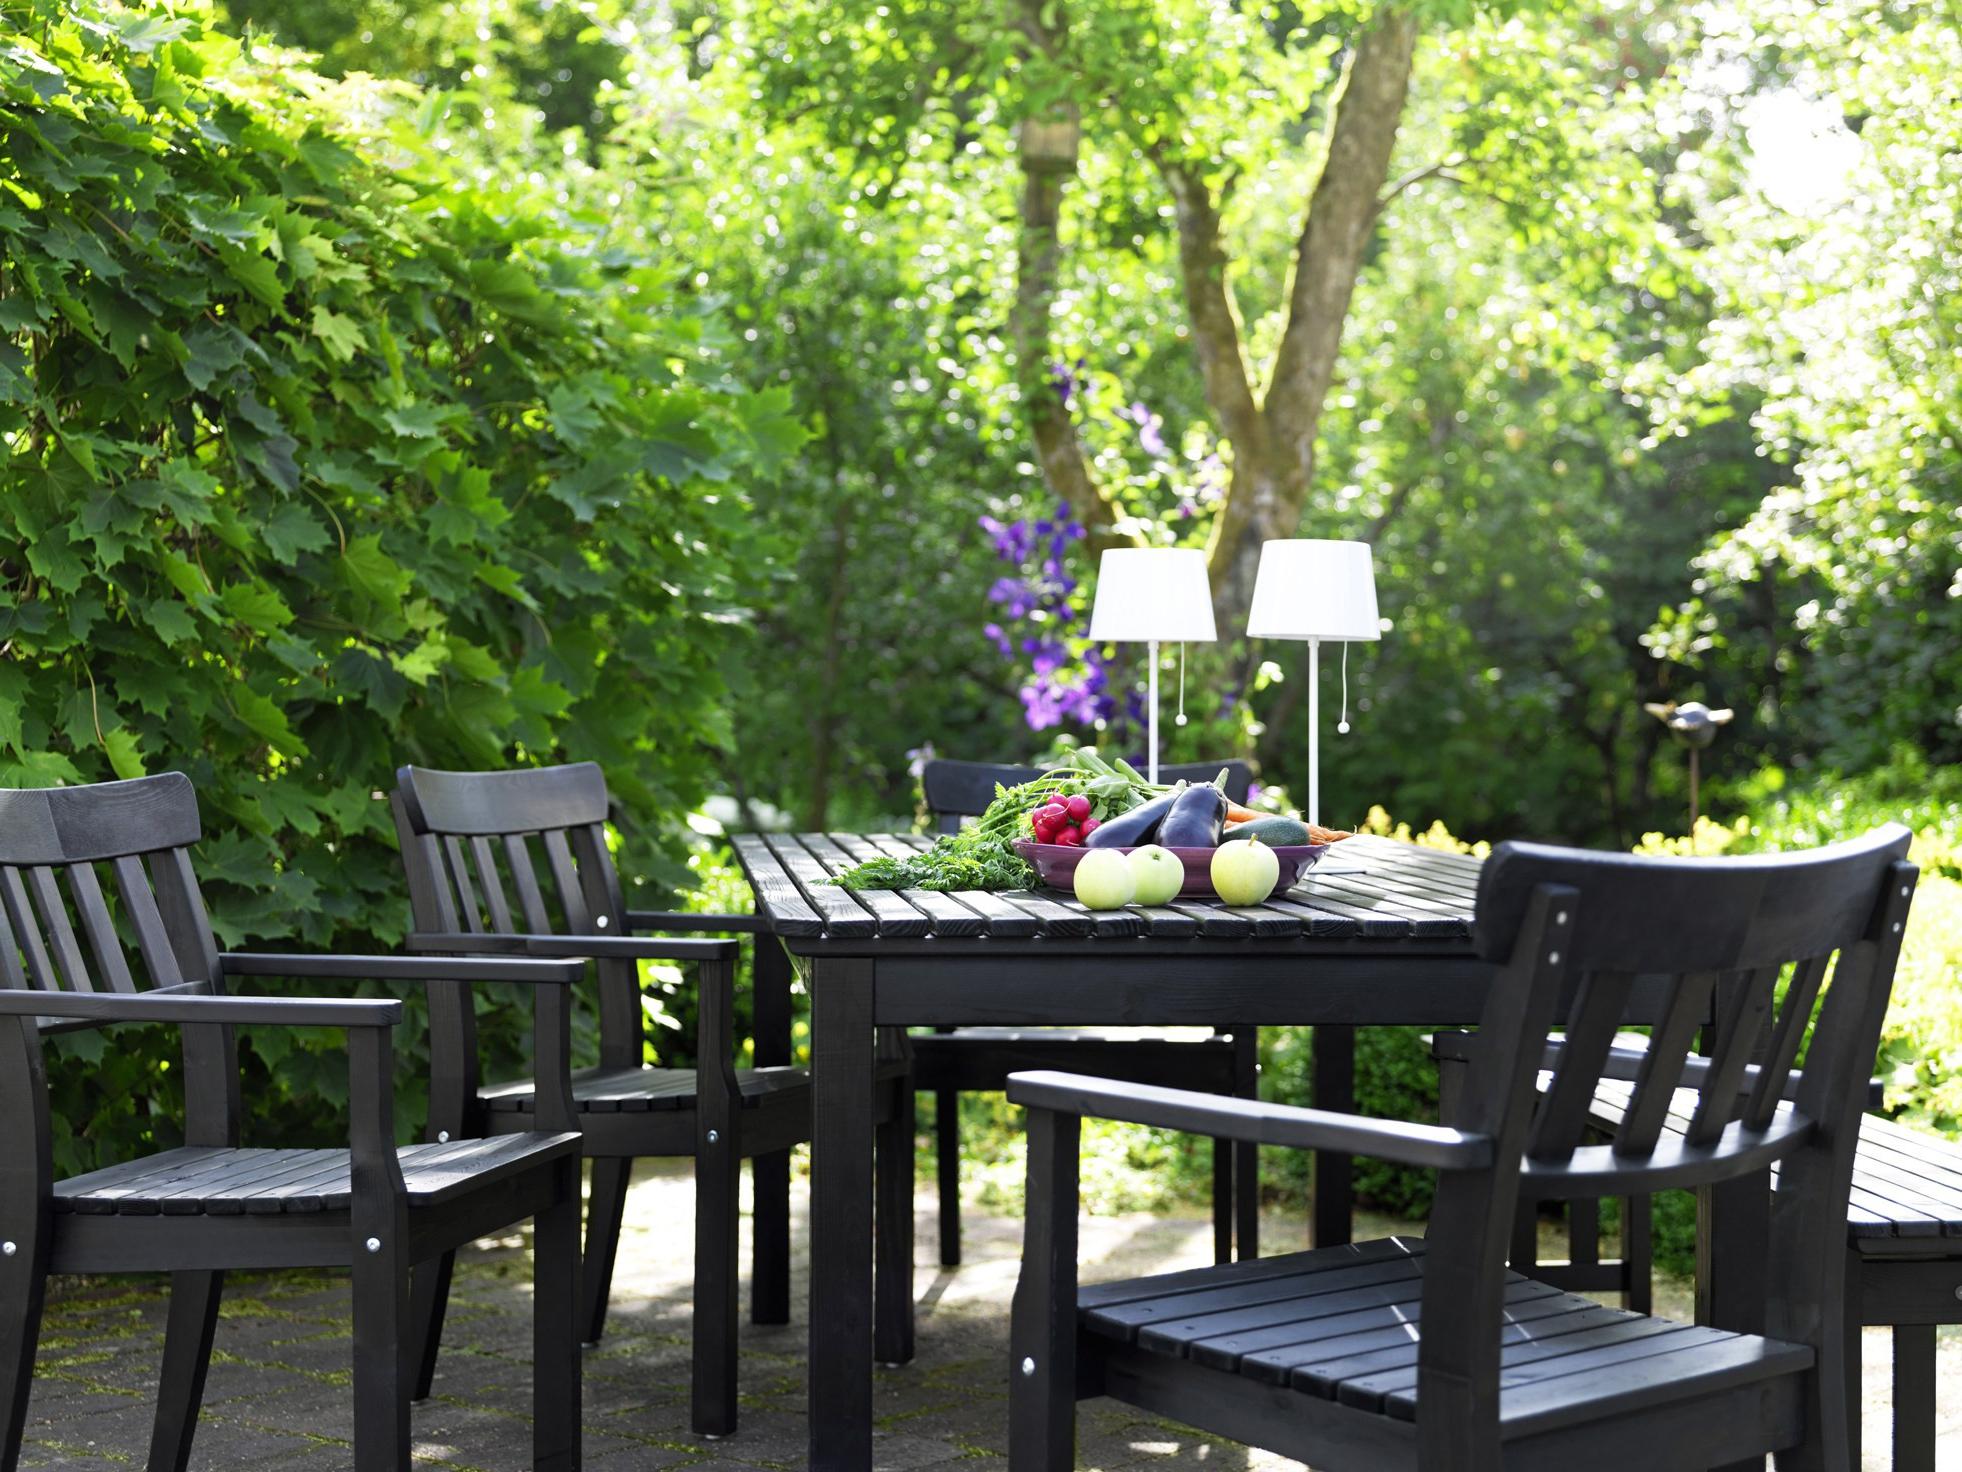 Muebles Jardin Ikea Mndw Mignon Muebles Jardin Ikea 11